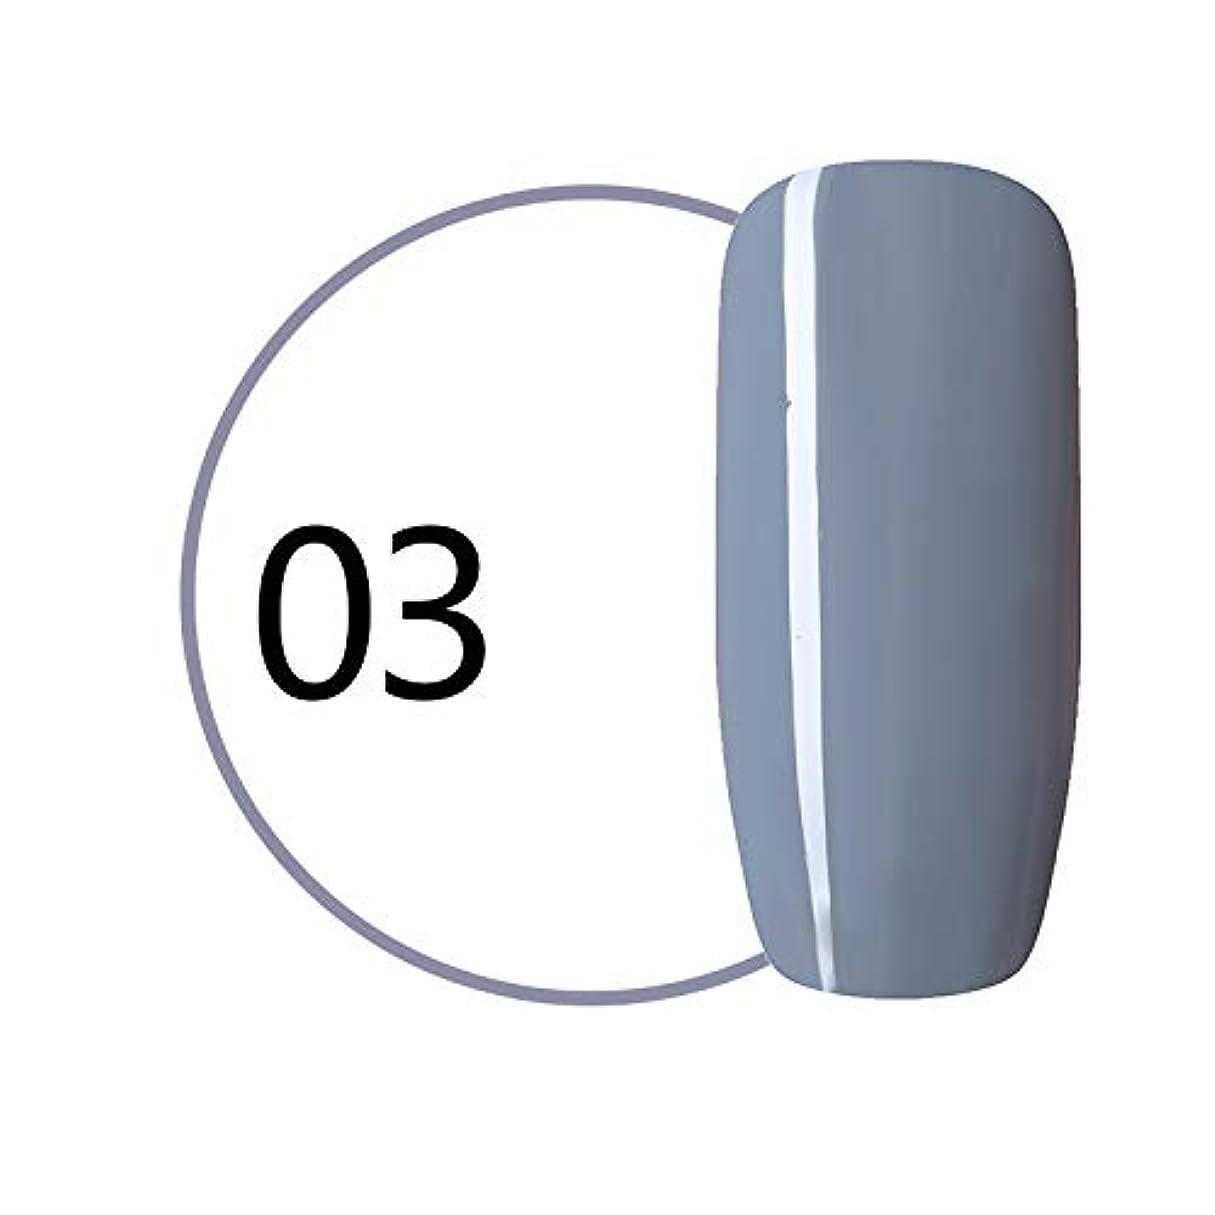 志す蓄積する溶融Symboat マニキュア ソークオフ UV LED ネイルジェルポリッシュ ワイングレーシリーズ ネイル用品 女優 人気 初心者にも対応 安全 無毒